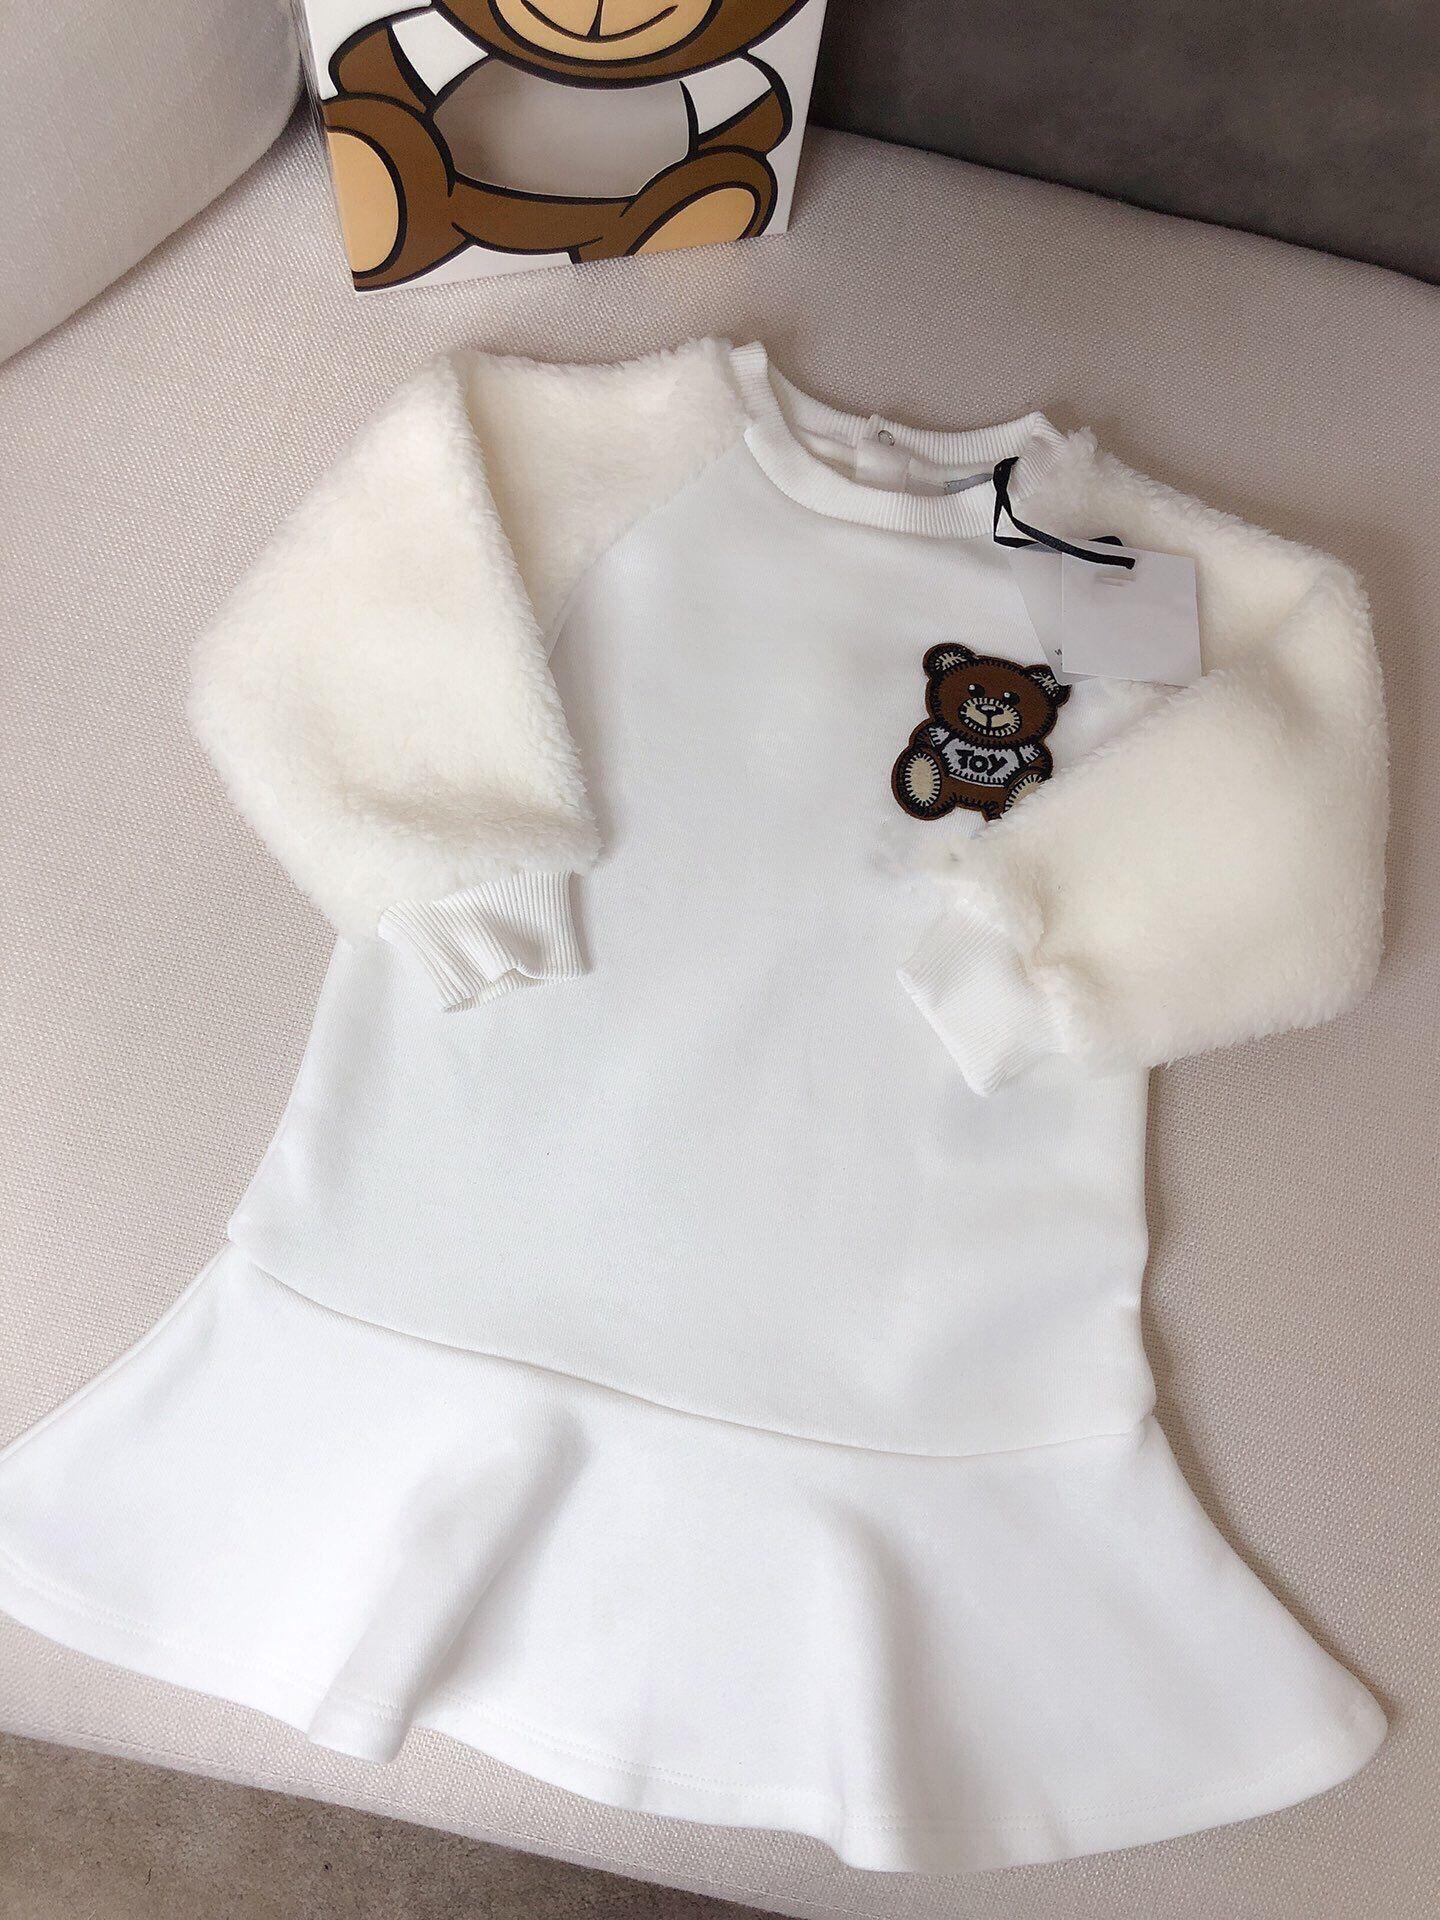 بنات طفل الشتاء فستان طويل الأكمام سترة حك عيد الميلاد طفل عارضة الدافئة فستان الشيفون عيد الميلاد ملابس الأطفال